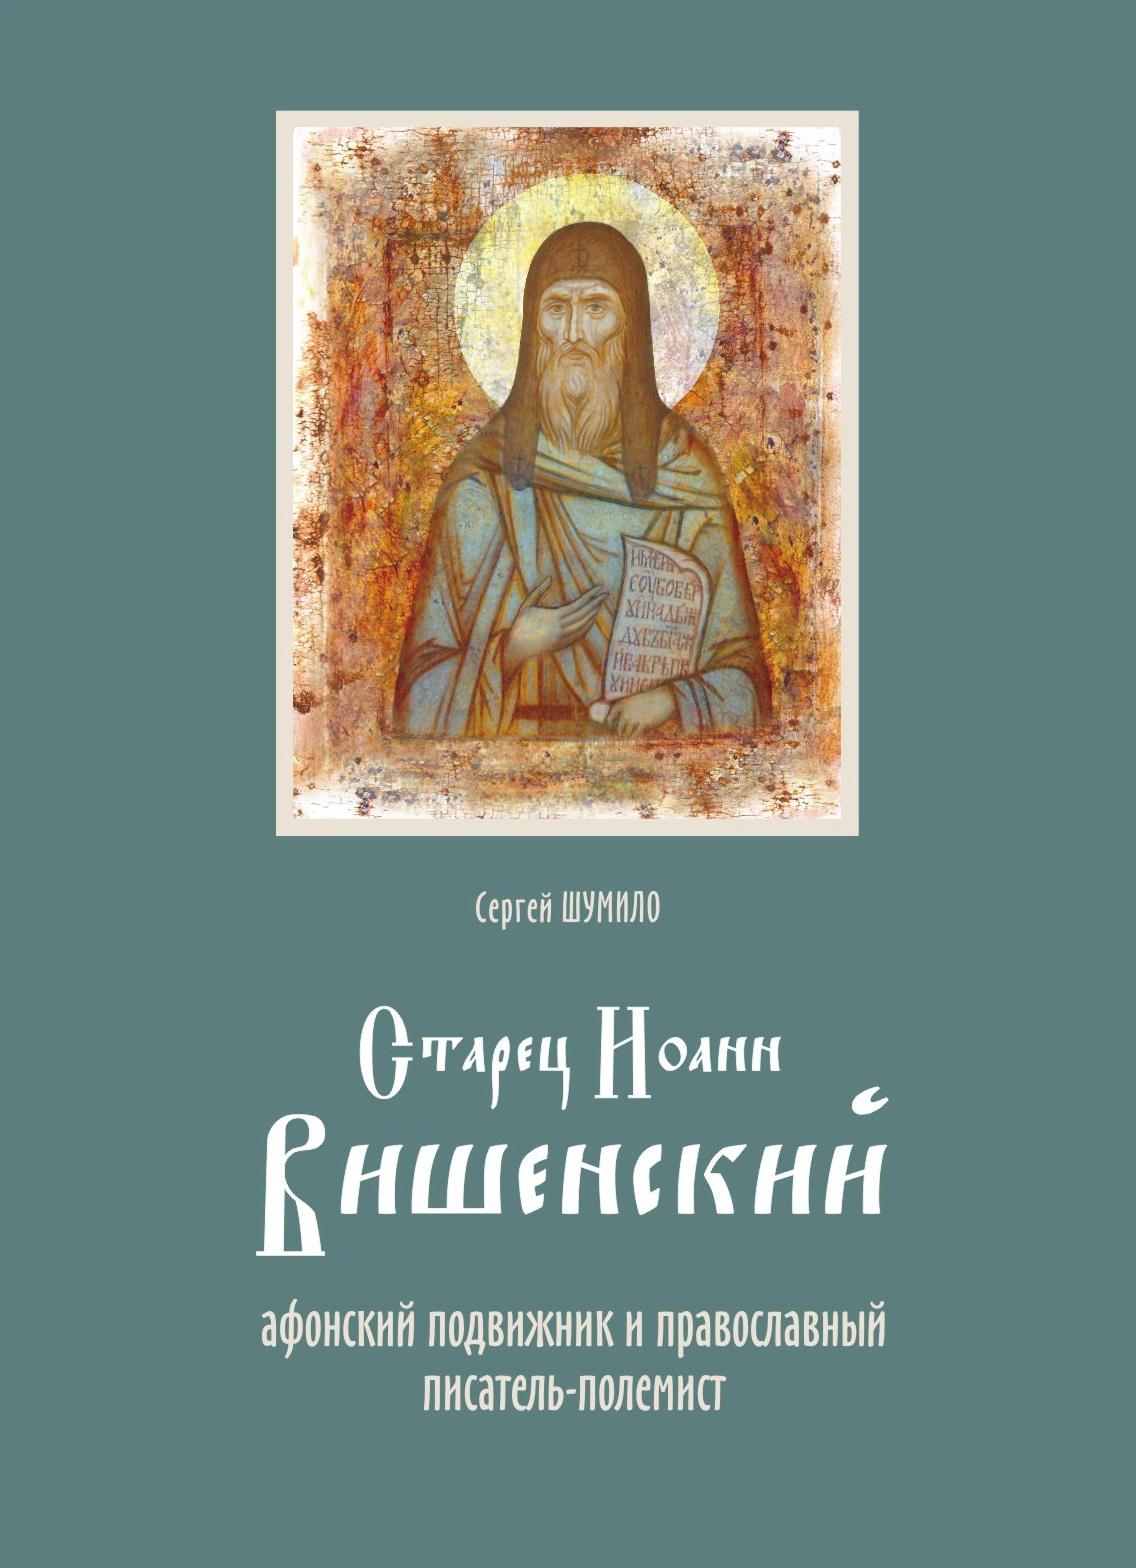 Старец Иоанн Вишенский: афонский подвижник и православный писатель-полемист